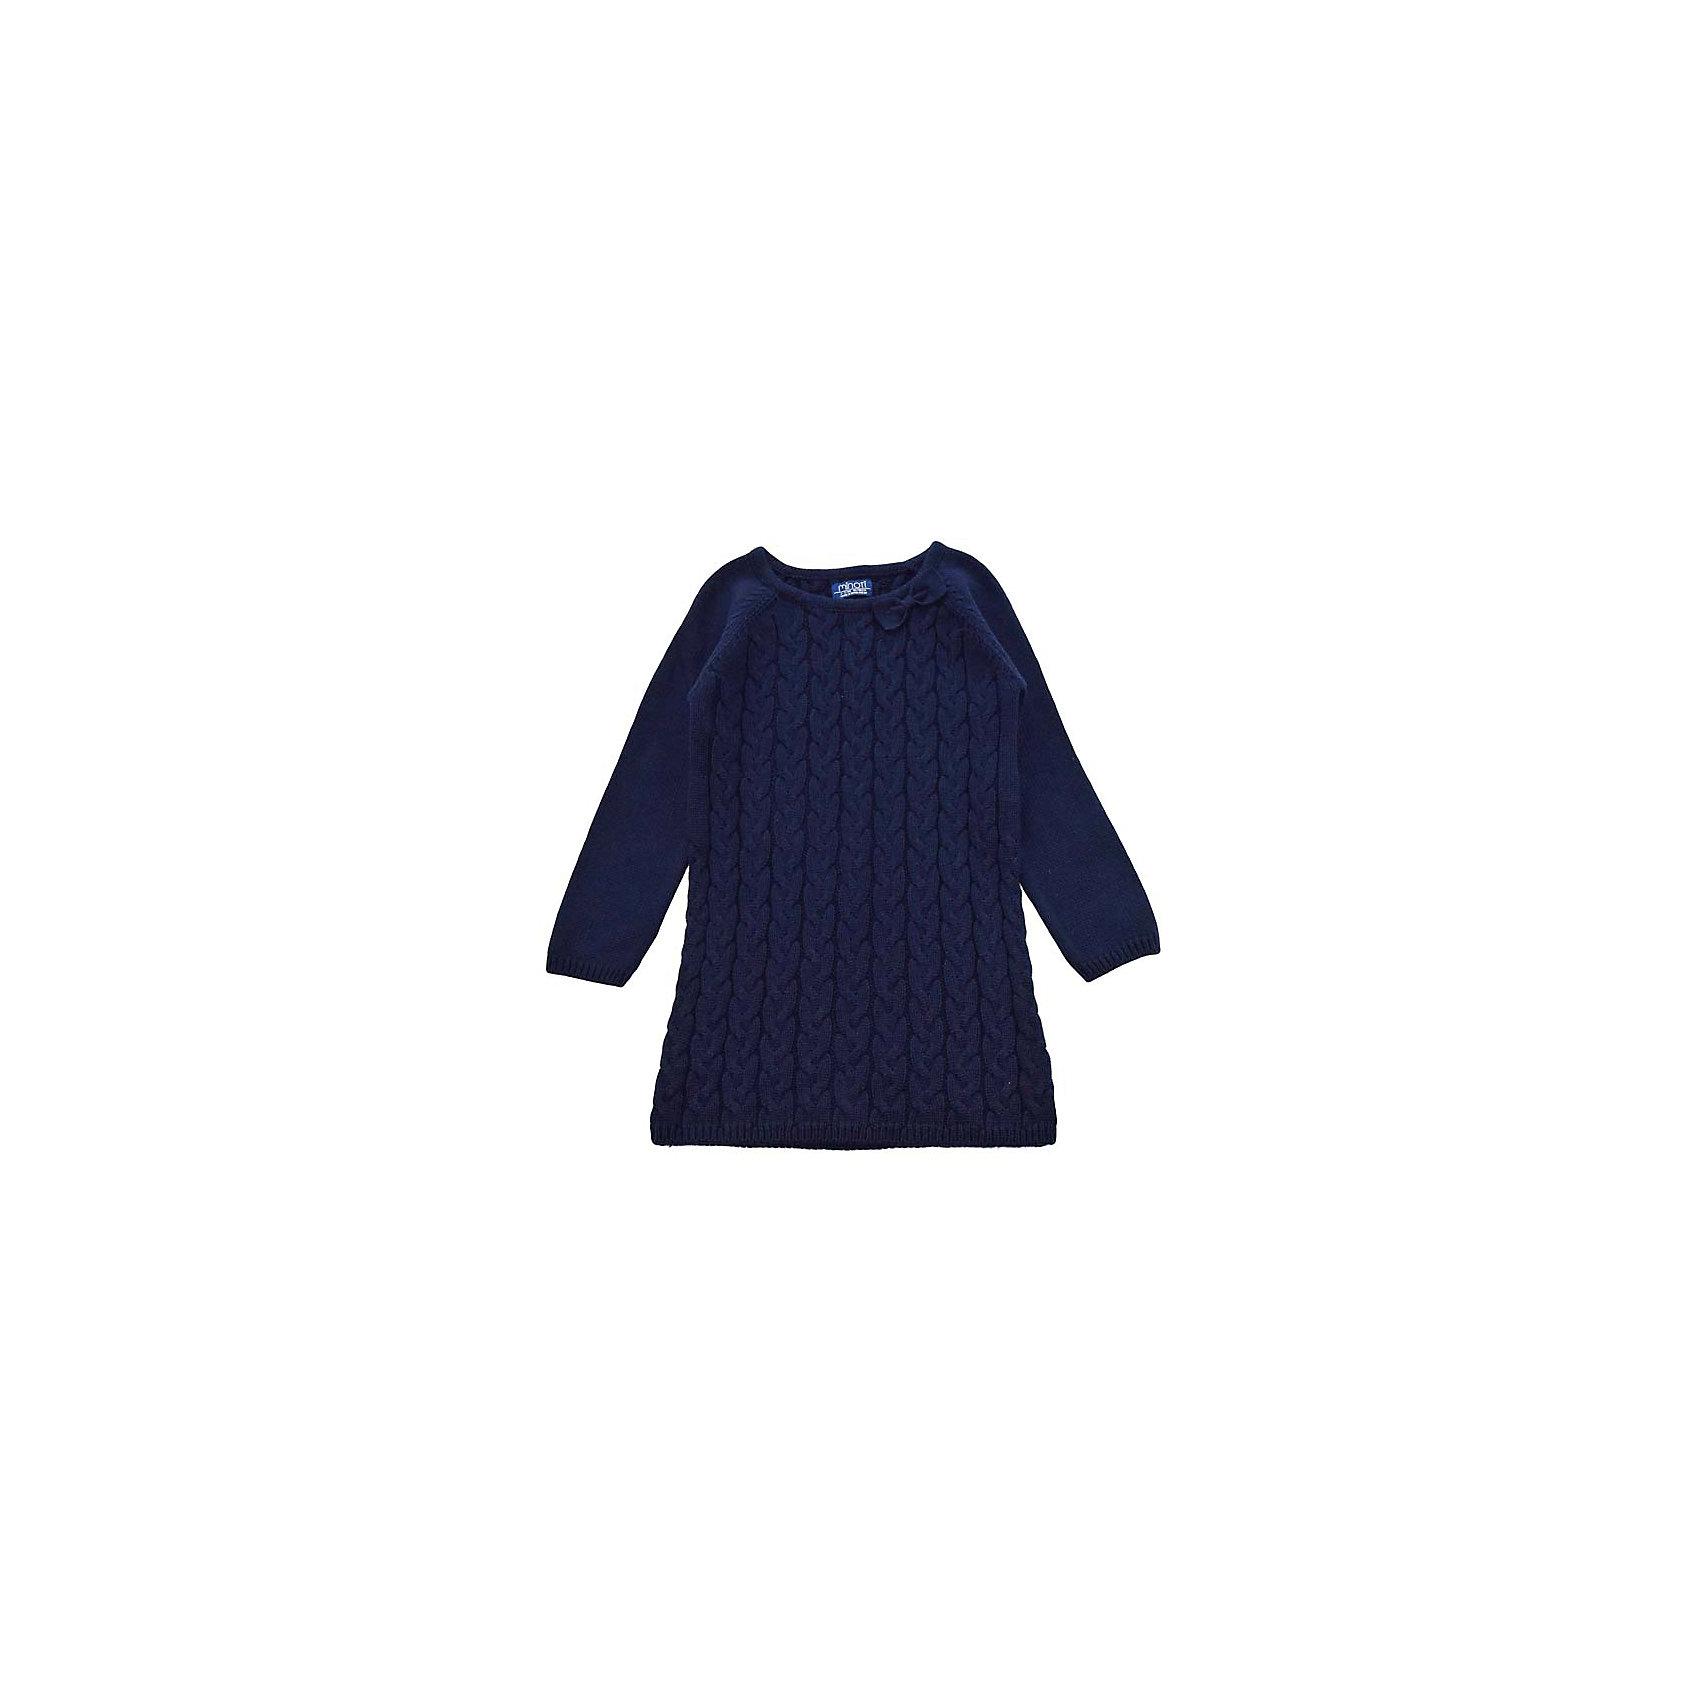 Платье для девочки MinotiПлатья<br>Платье для девочки от популярной английской марки Minoti<br><br>Вязаное платье отличается продуманным кроем и эффектным дизайном. Модель легко надевается, отлично смотрится, не стесняет движения. <br>Особенности модели:<br><br>- цвет: синий;<br>- хлопковая пряжа;<br>- узорная вязка - косы;<br>- рукава - реглан;<br>- небольшой бант на вороте;<br>- горловой вырез - круглый;<br>- на вороте, внизу и на рукавах - трикотажная резинка.<br><br>Дополнительная информация:<br><br>Состав:  100% хлопок<br><br>Уход за изделием:<br><br>стирка в машине при температуре до 30°С,<br>не отбеливать.<br><br>Платье для девочки от Minoti (Минотти) можно купить в нашем магазине<br><br>Ширина мм: 190<br>Глубина мм: 74<br>Высота мм: 229<br>Вес г: 236<br>Цвет: синий<br>Возраст от месяцев: 12<br>Возраст до месяцев: 15<br>Пол: Женский<br>Возраст: Детский<br>Размер: 80/86,86/92,98/104,92/98<br>SKU: 4263027